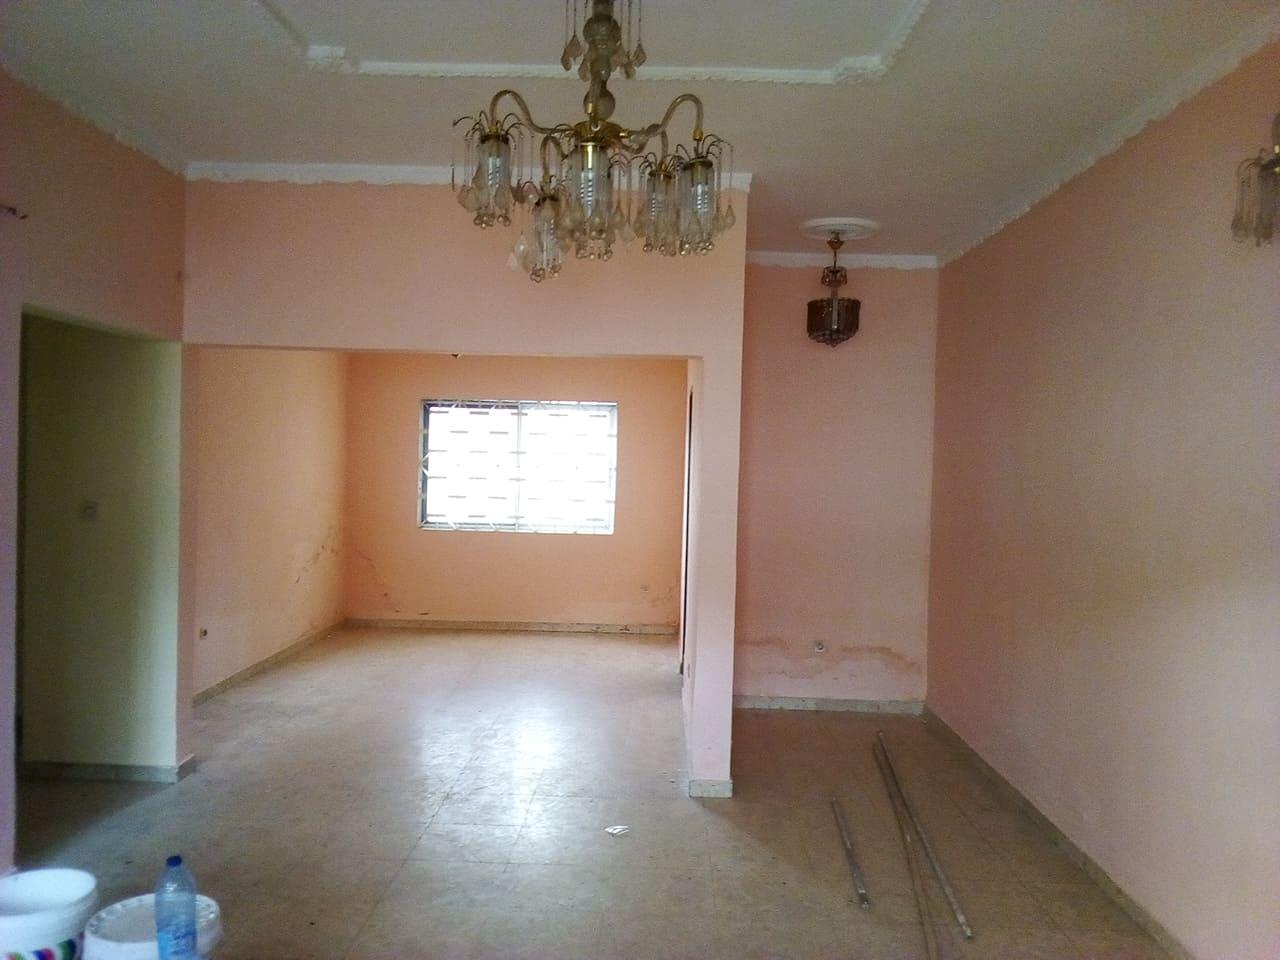 Appartement à louer - Yaoundé, Bastos, pas loin du pnud - 1 salon(s), 3 chambre(s), 3 salle(s) de bains - 450 000 FCFA / mois